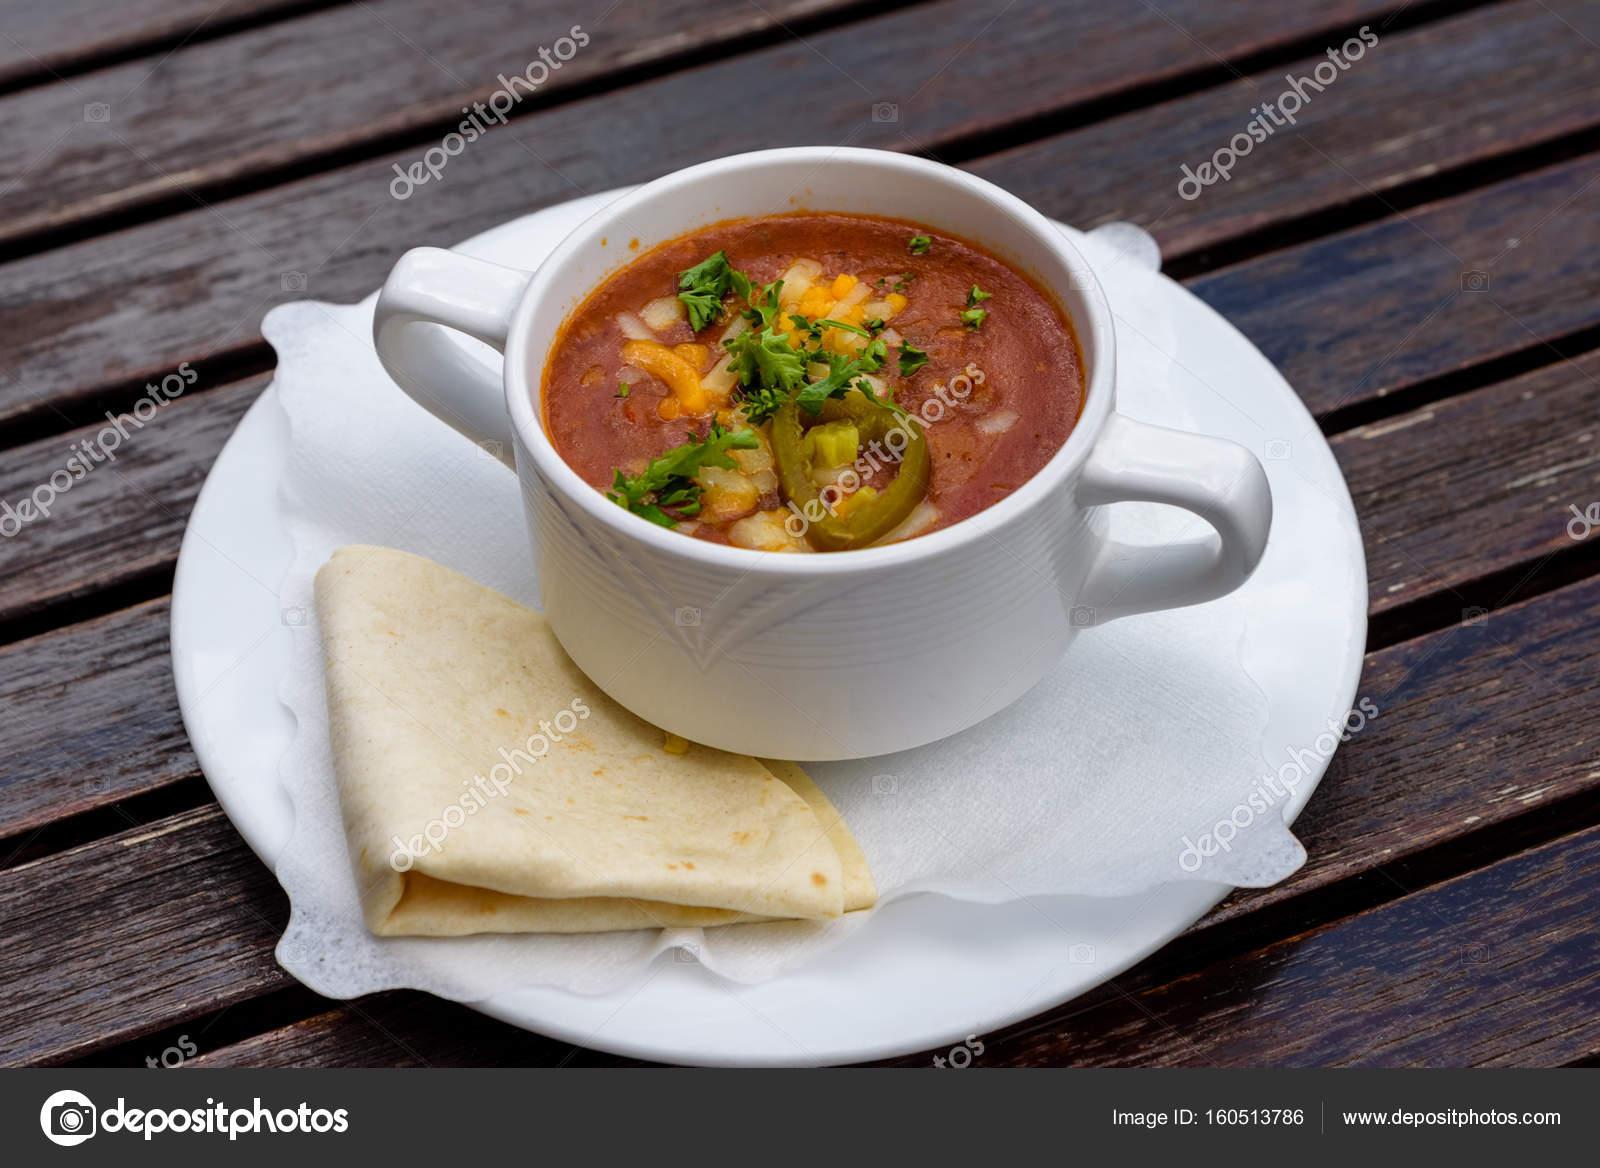 Chili Con Carne Suppe In Weiße Tasse Mit Tortillas Authentische